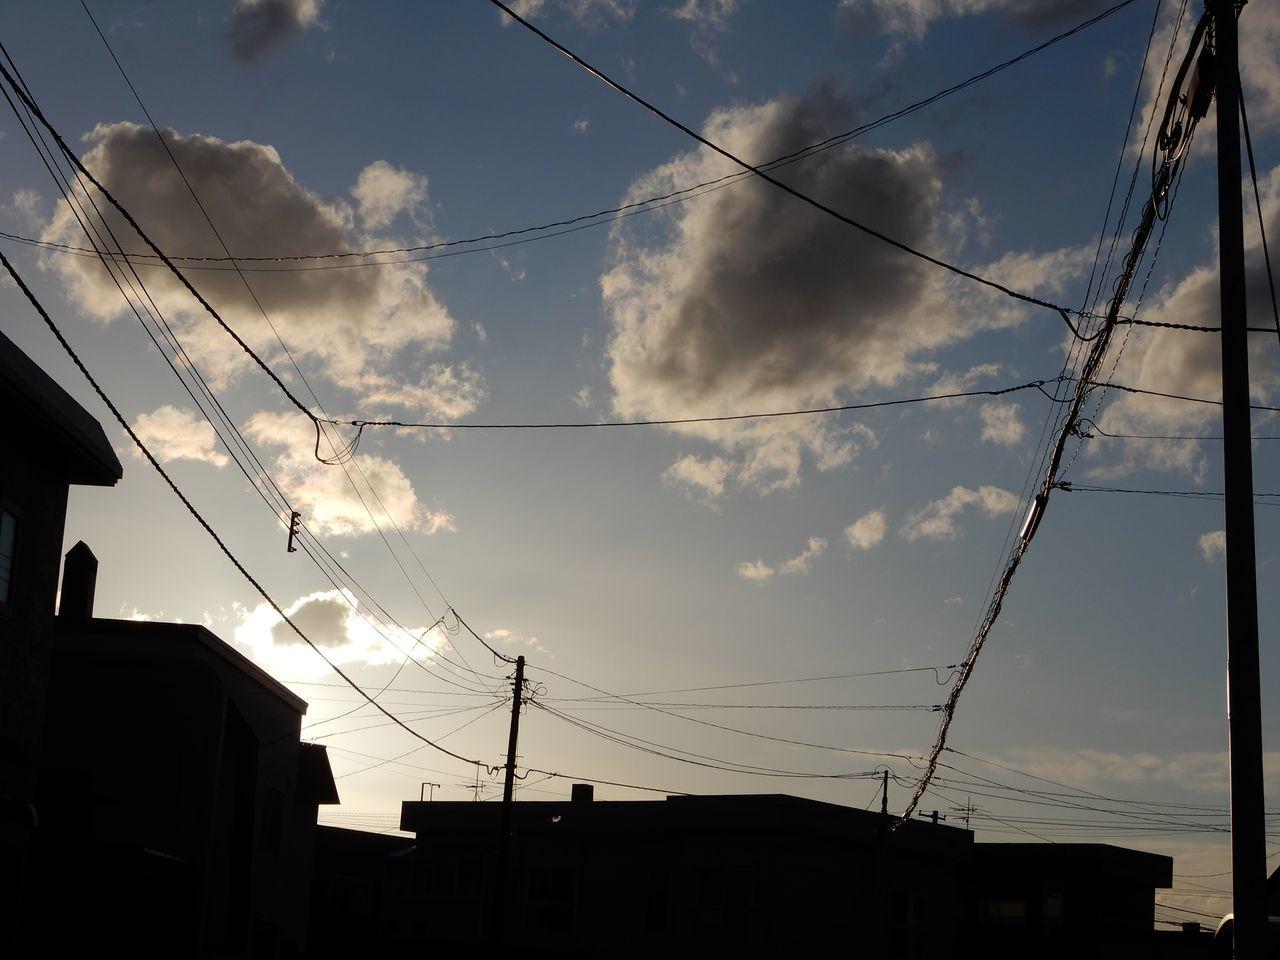 札幌も北海道も過去最多を更新_c0025115_21555698.jpg